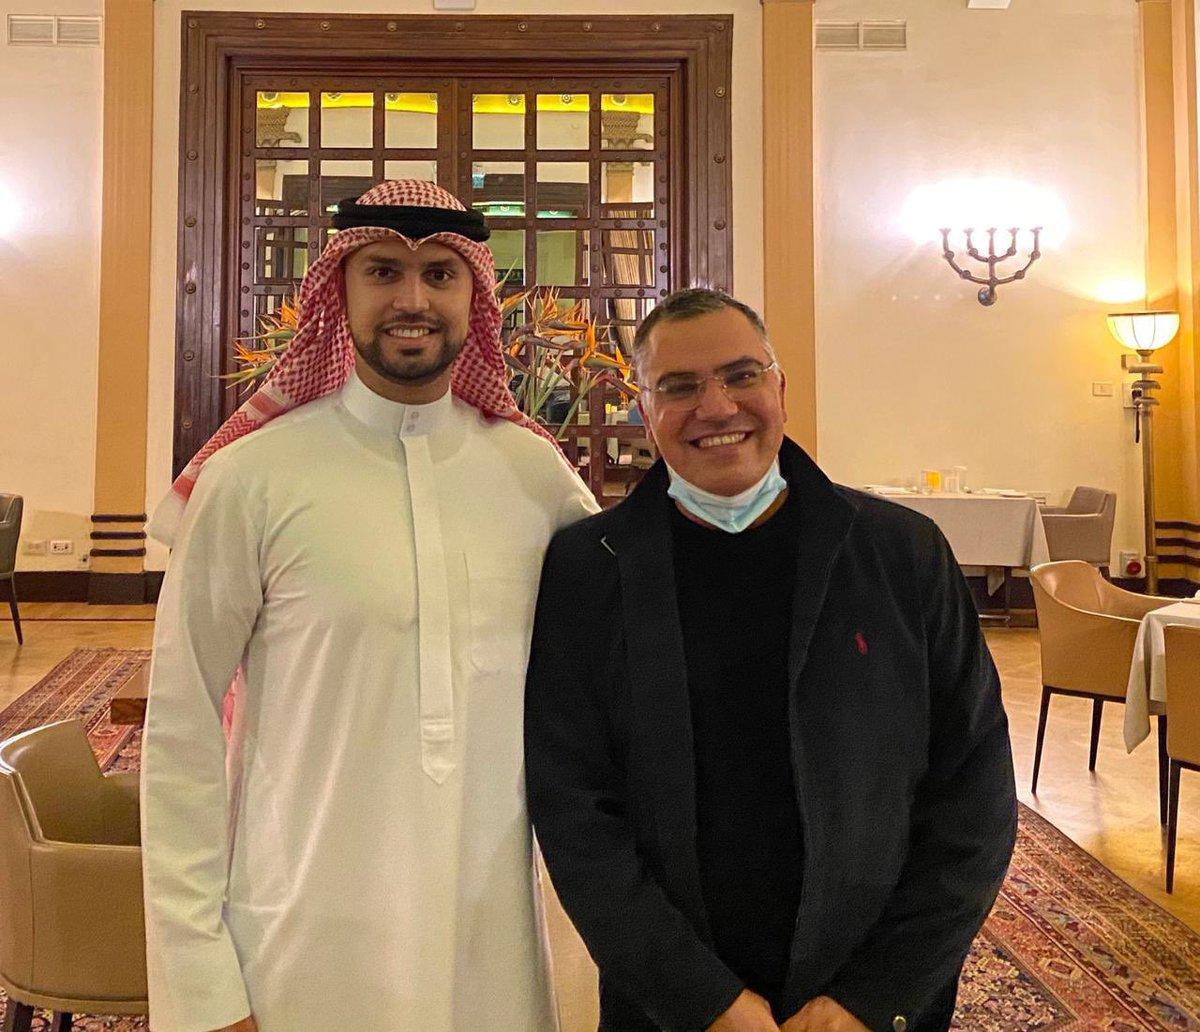 أفيخاي يغرد : يحتفل اليوم صديق إسرائيل وصديقي الغالي @DrAlsarrah بعيد ميلاده حيث نتمنى له الصحة والعافية وان يبقى